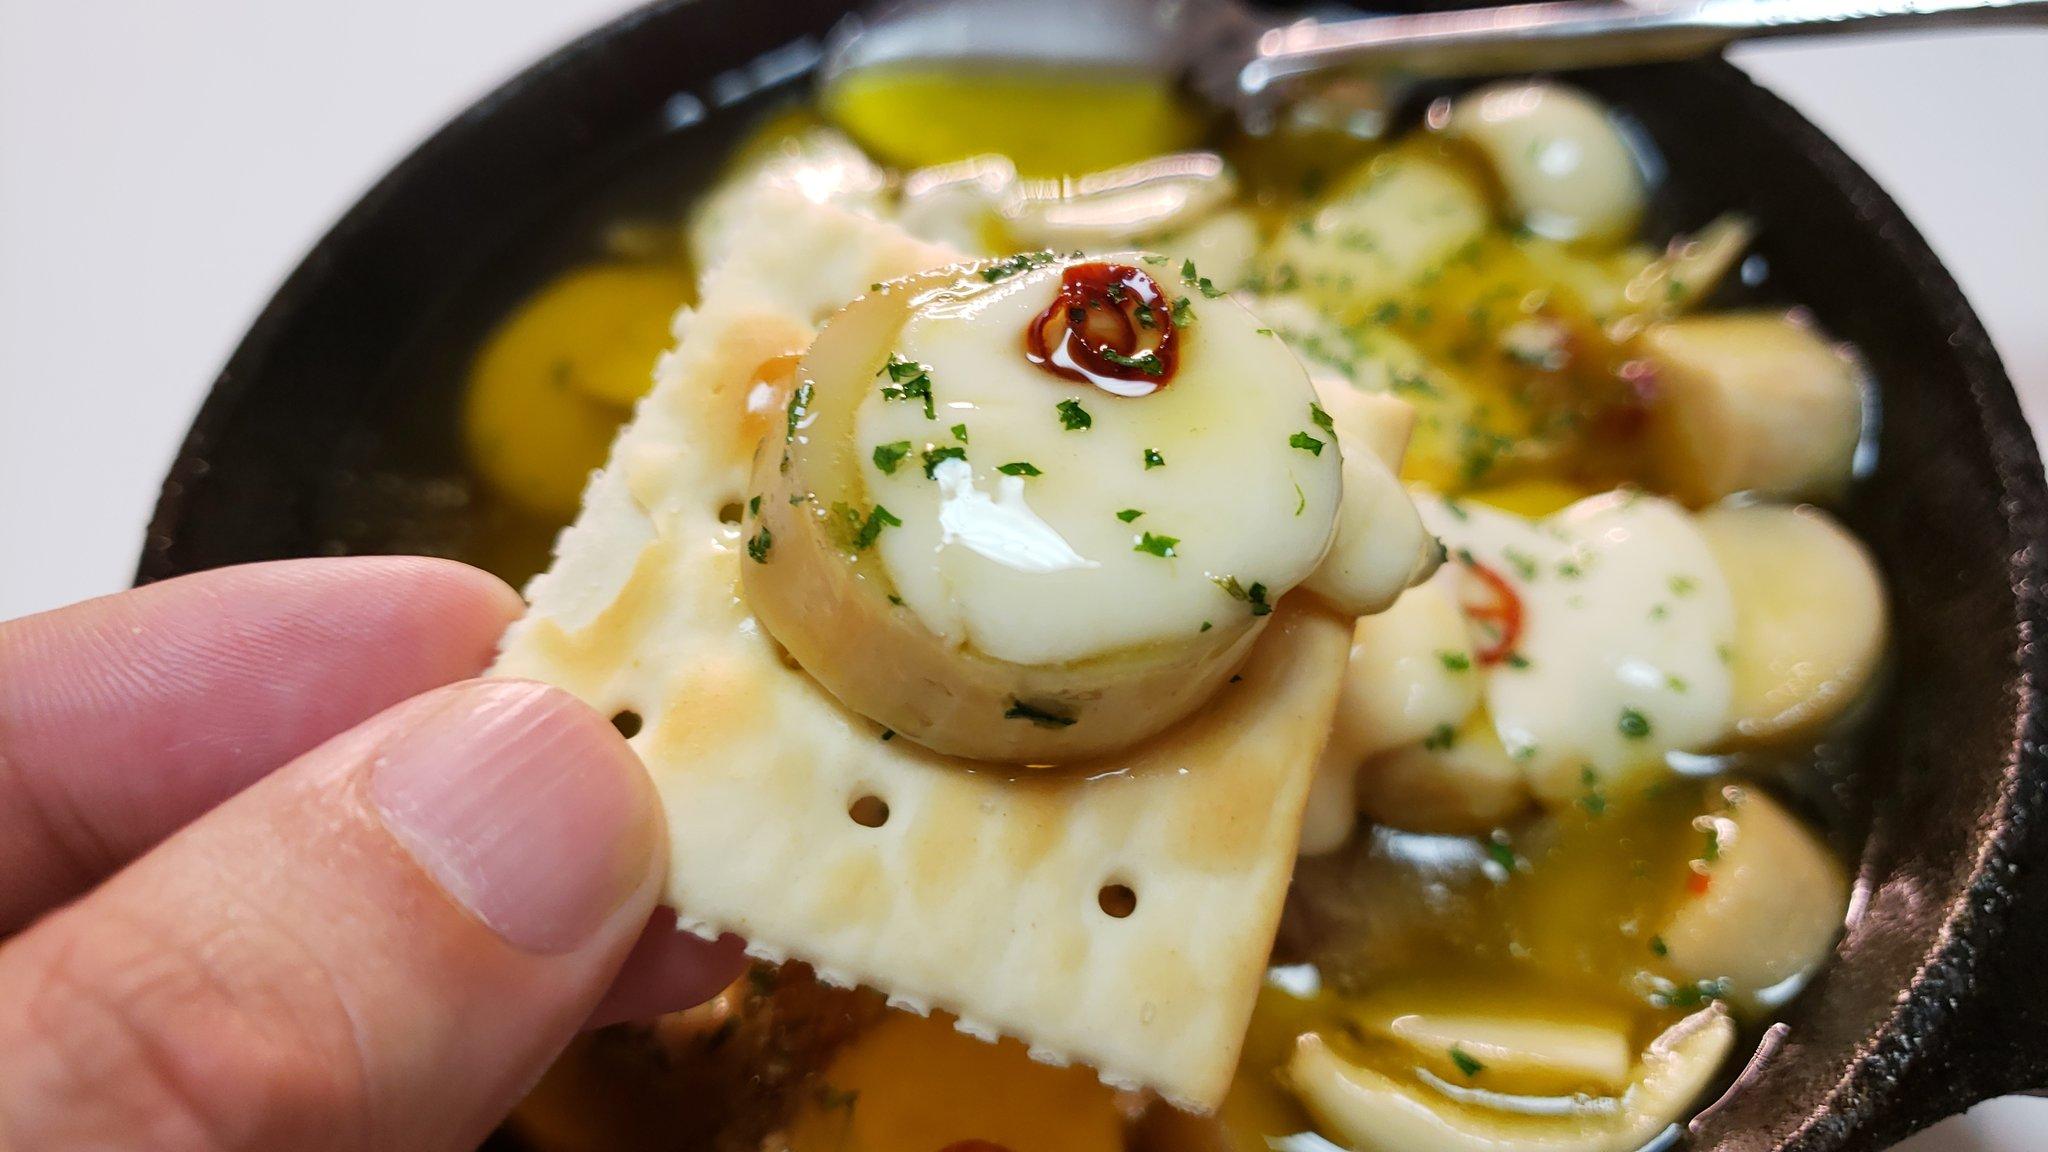 「さけるチーズのアヒージョ」本気で旨い・とろけたチーズとエリンギの食感が異世界に誘う!!!!!!!!!